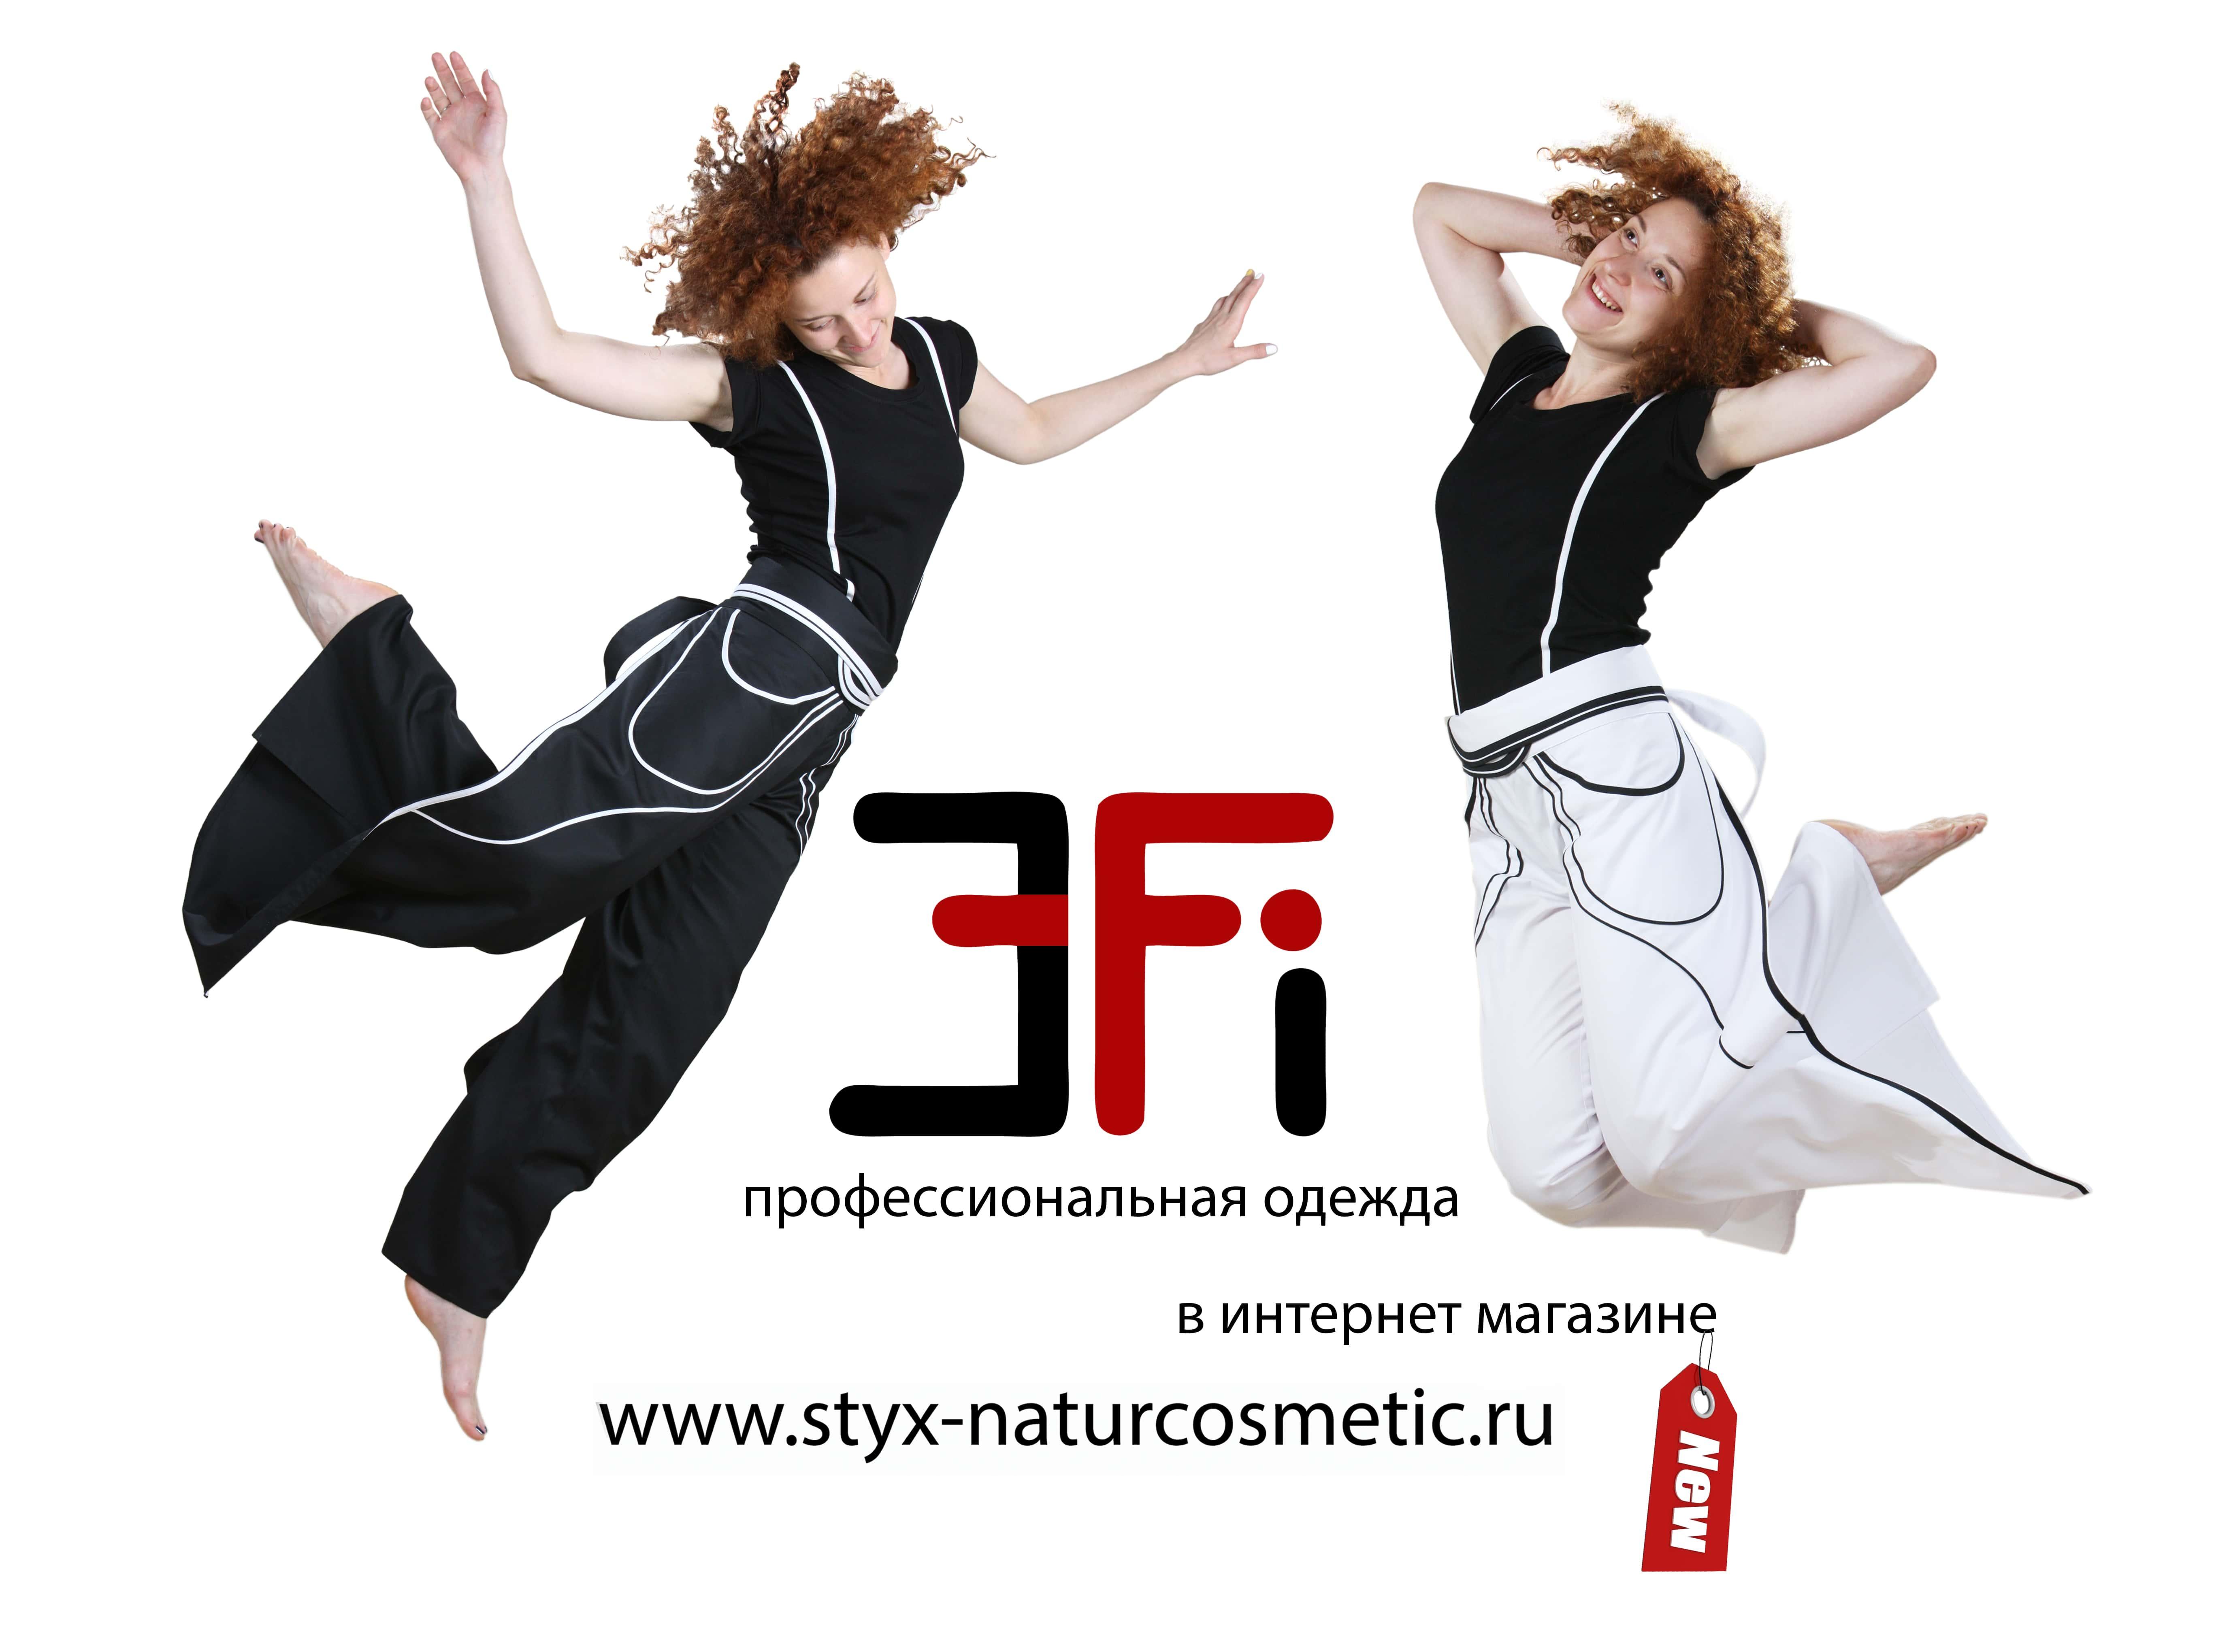 Одежда для специалистов массажа и СПА